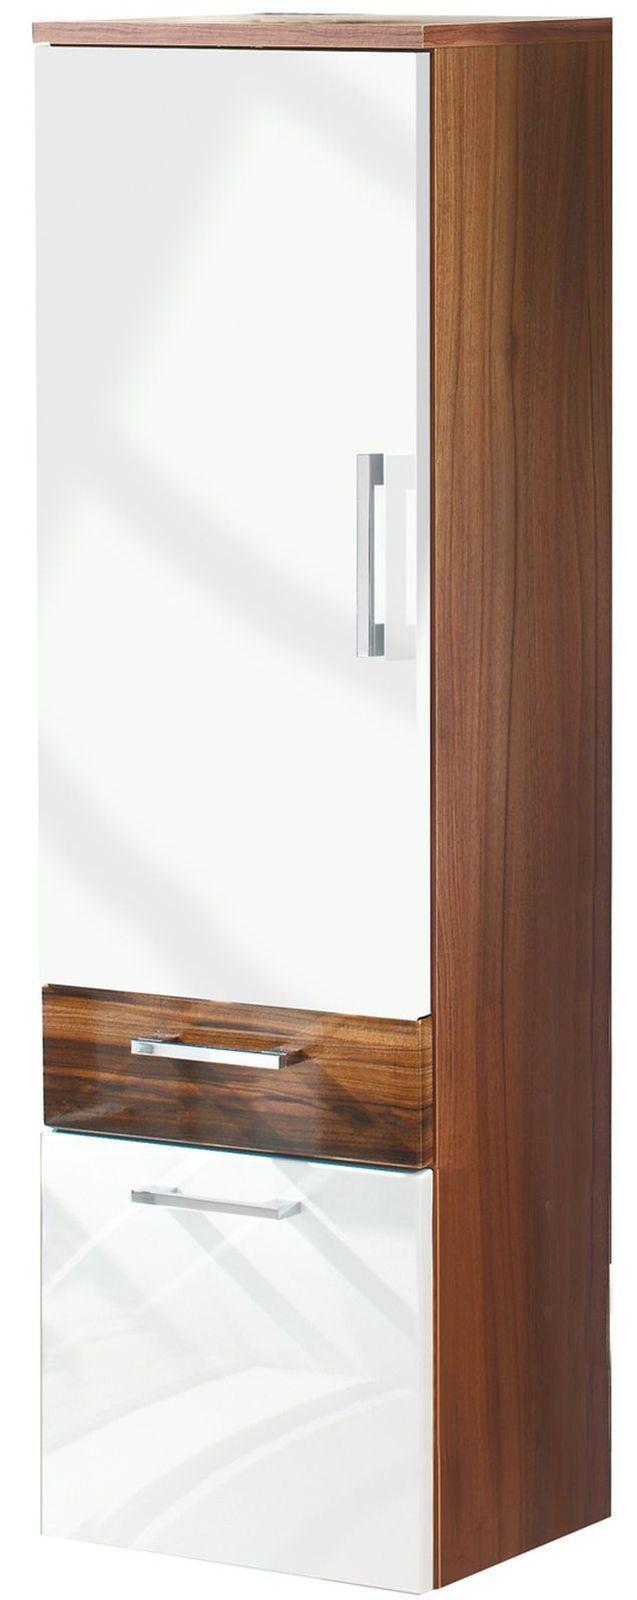 badezimmer hochschrank 40 x 134 5 x 30 cm badschrank badm bel 5805 91 lp kaufen bei. Black Bedroom Furniture Sets. Home Design Ideas